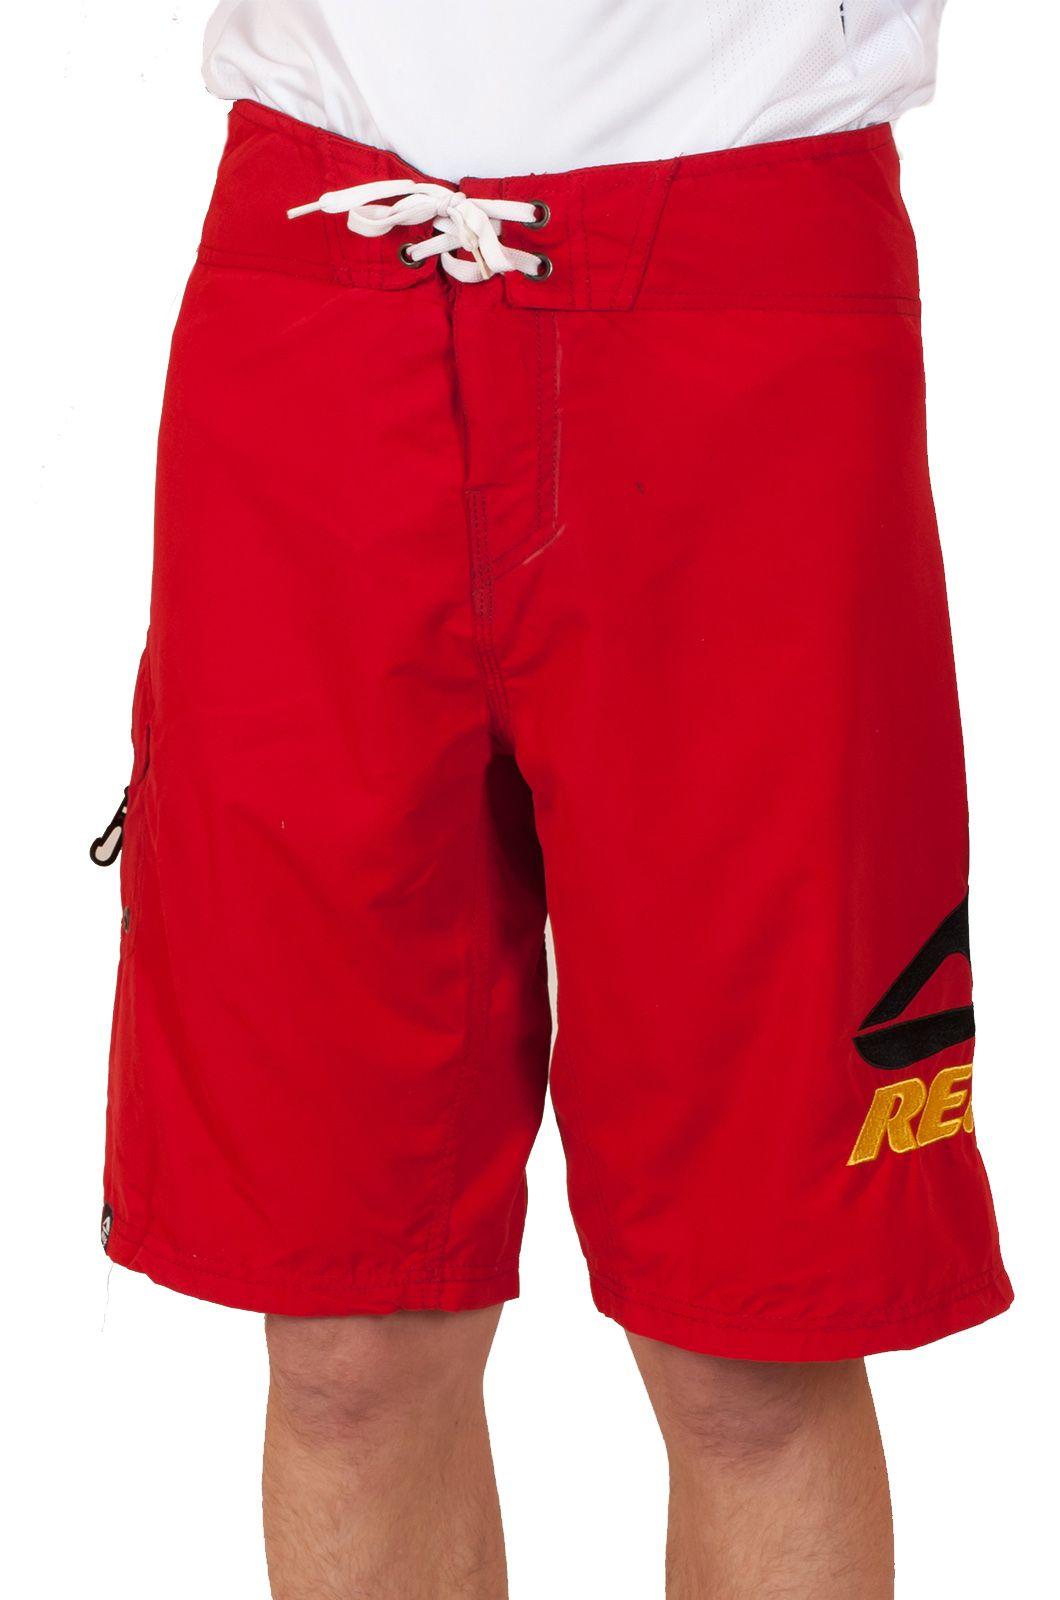 Стильные шорты Reef для подростков - вид спереди